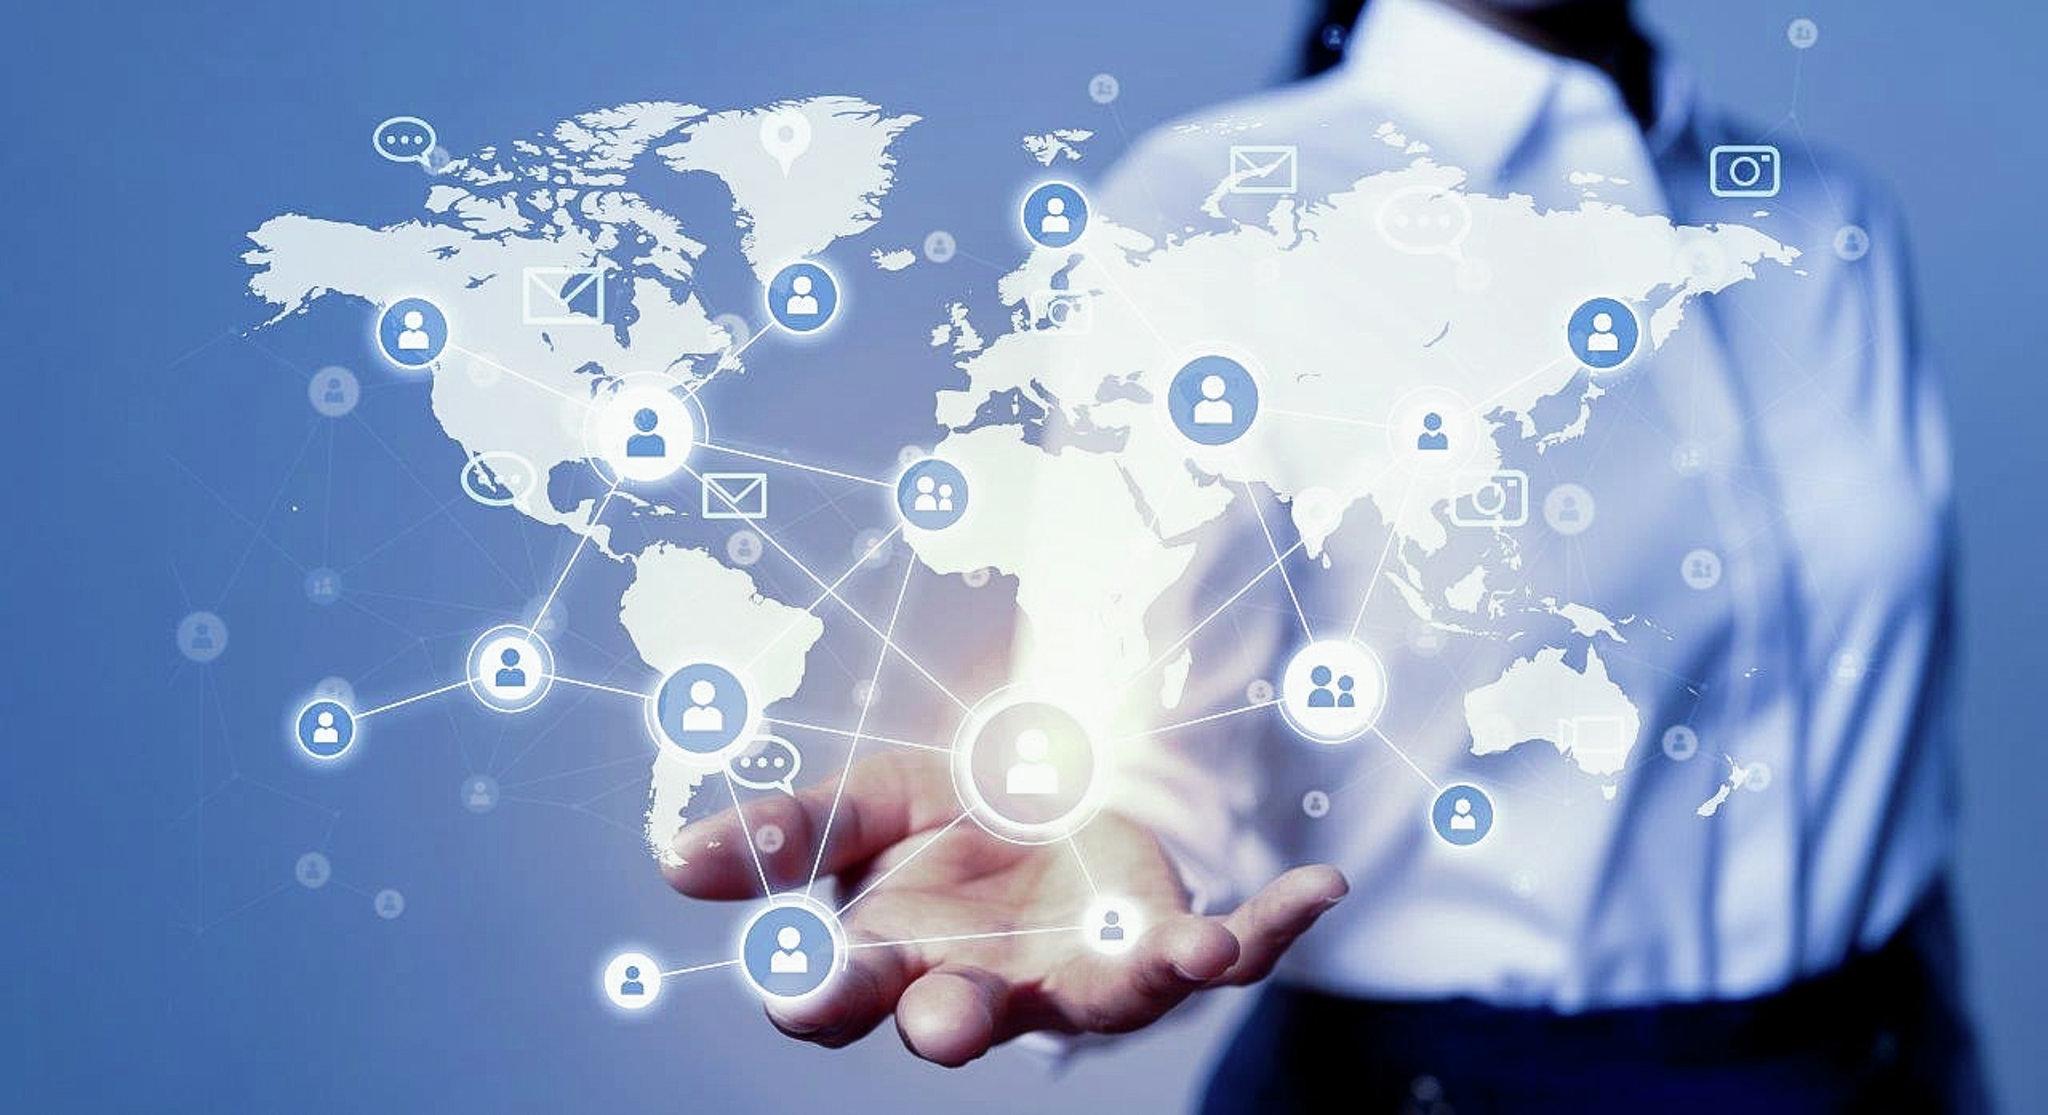 Una persona indossa una maglietta e tende la mano. Una mappa del mondo con una rete esce dalla mano